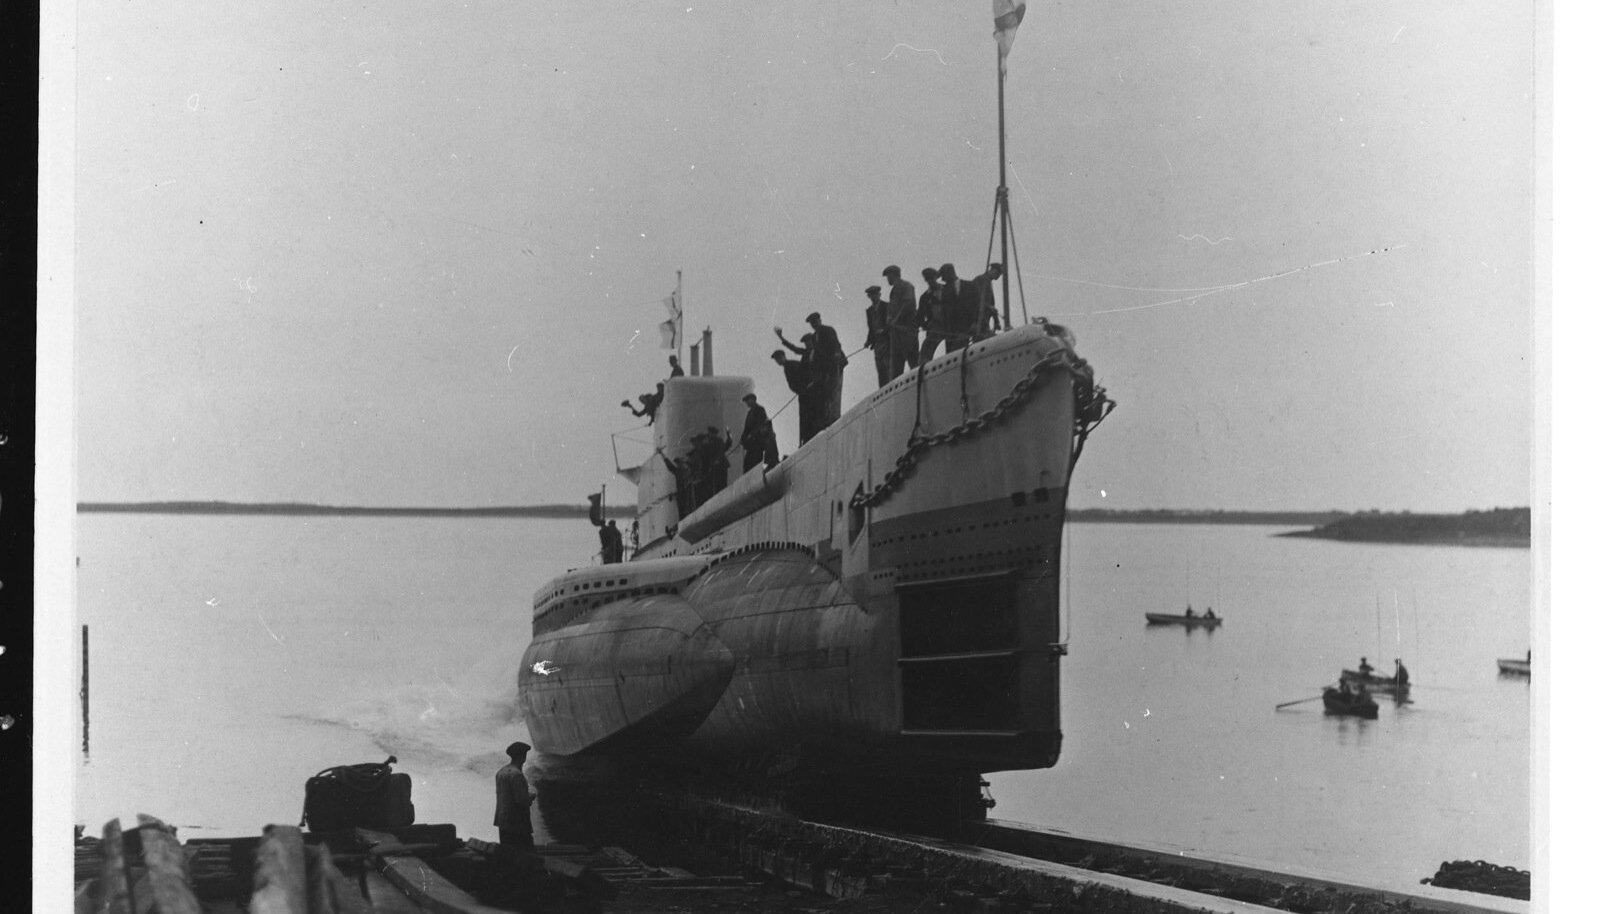 Mõni aasta varem oli Eesti kaitsevägi saanud endale uue allveelaeva Lembit. 1940. aastal läks ta Punaarmee lipu alla.